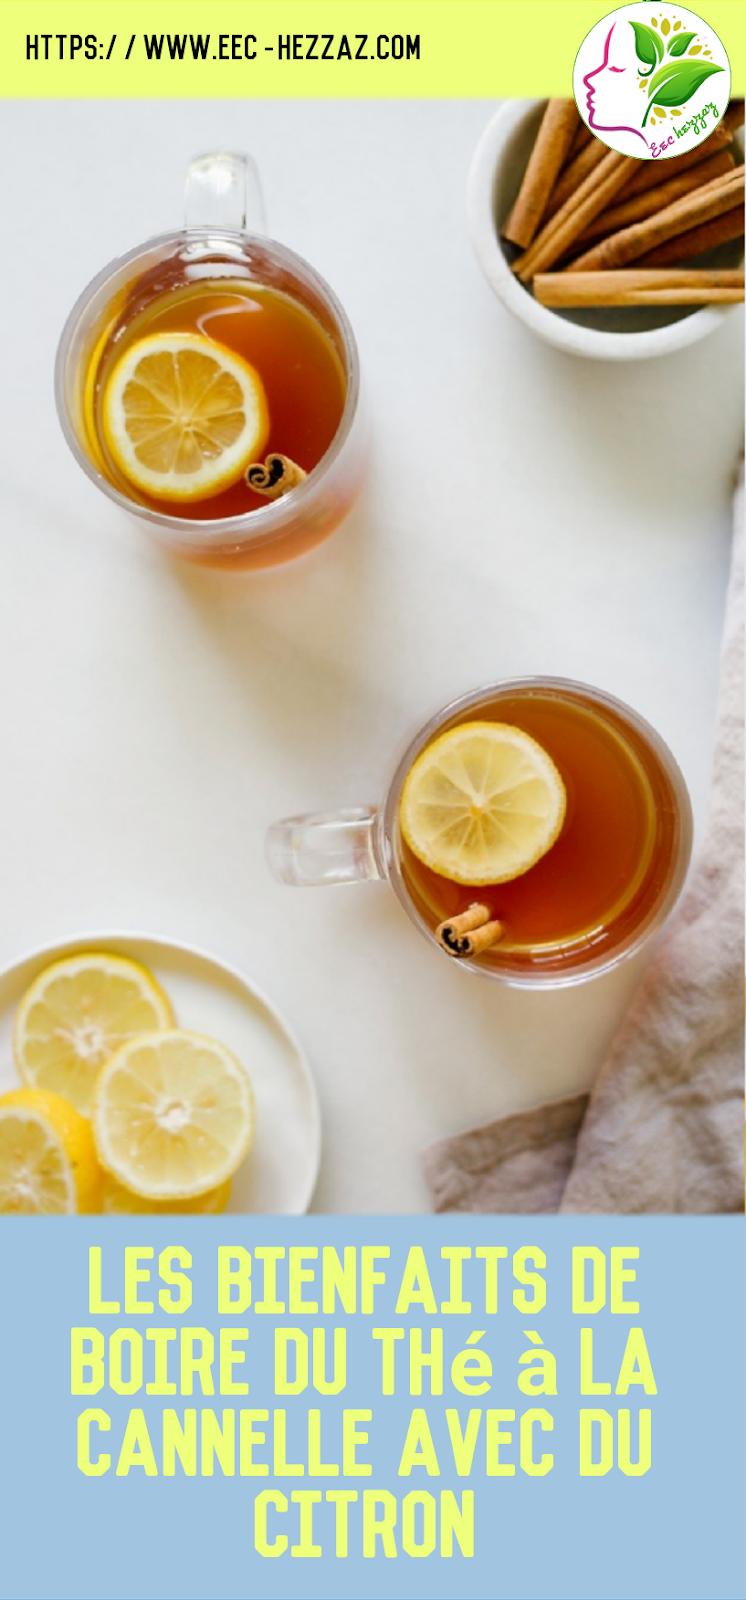 Les bienfaits de boire du thé à la cannelle avec du citron